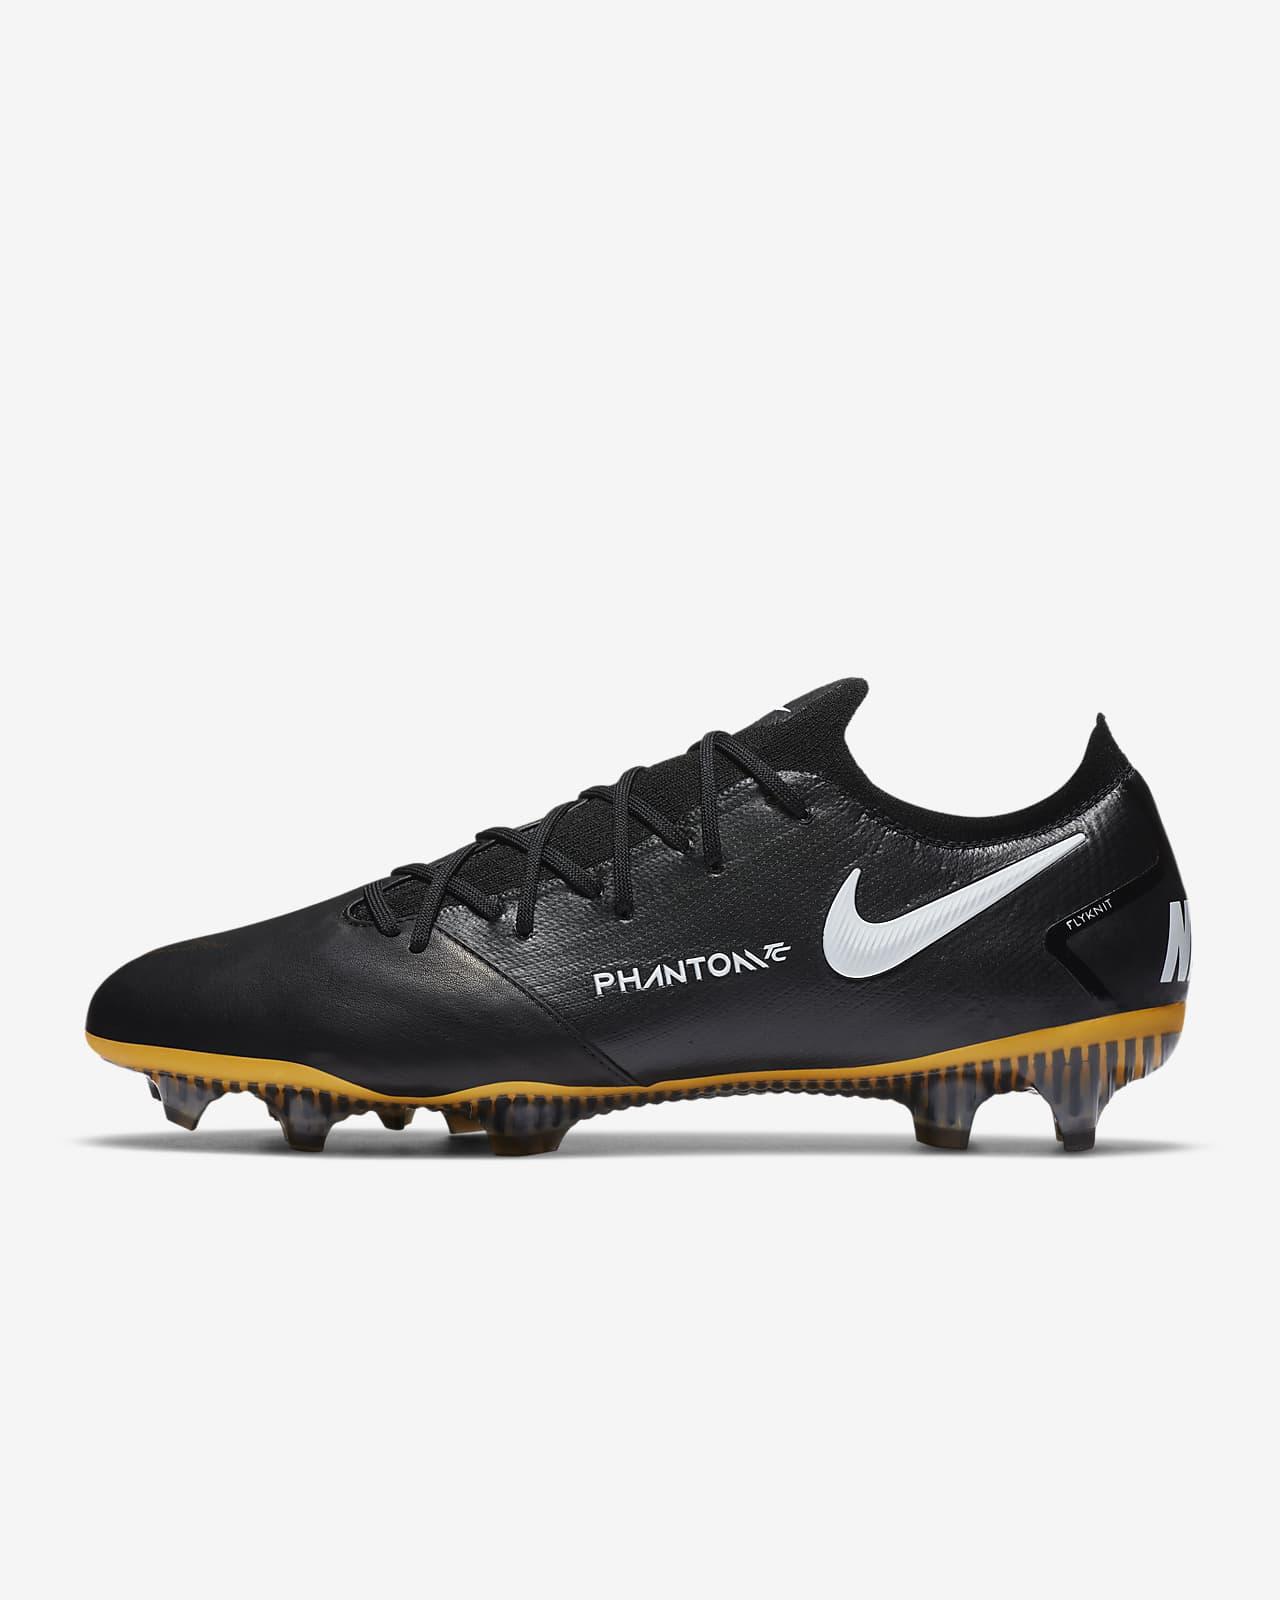 Nike Phantom GT Elite Tech Craft FG fotballsko til gress